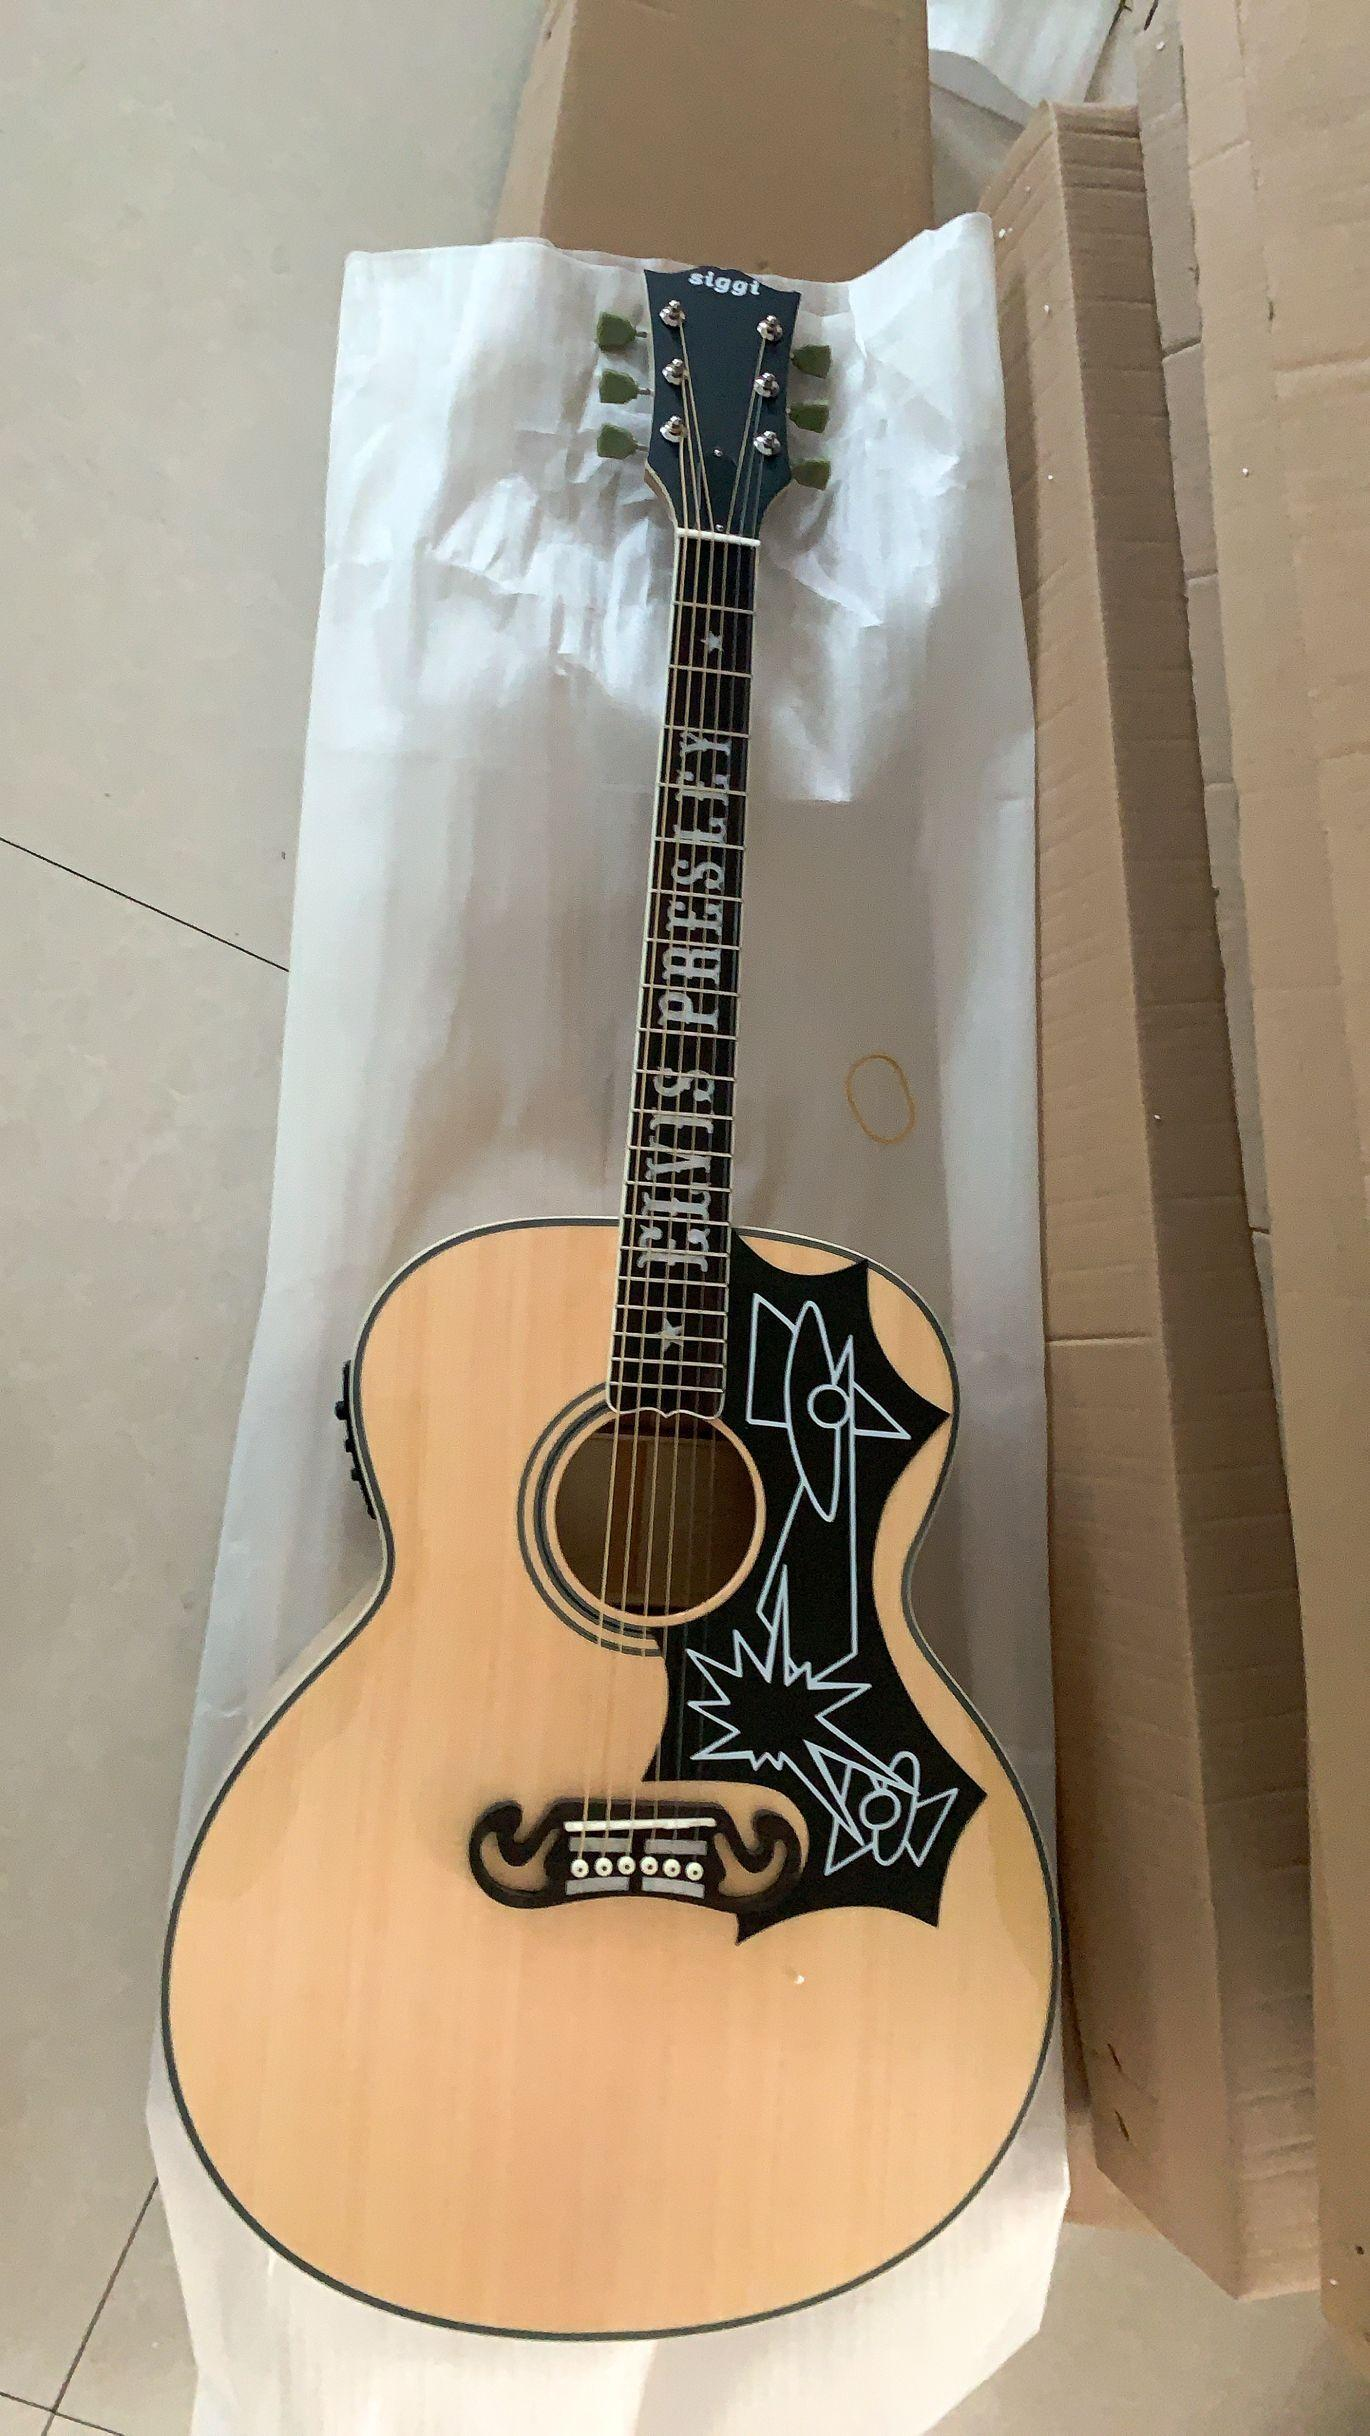 الجديد 43 # الفيس بريسلي J200 الغيتار الصوتية الغيتار جامبو لهب القيقب الجسم 43 بوصة J200 الصوتية الصلبة الصوتية الكهربائية 191105